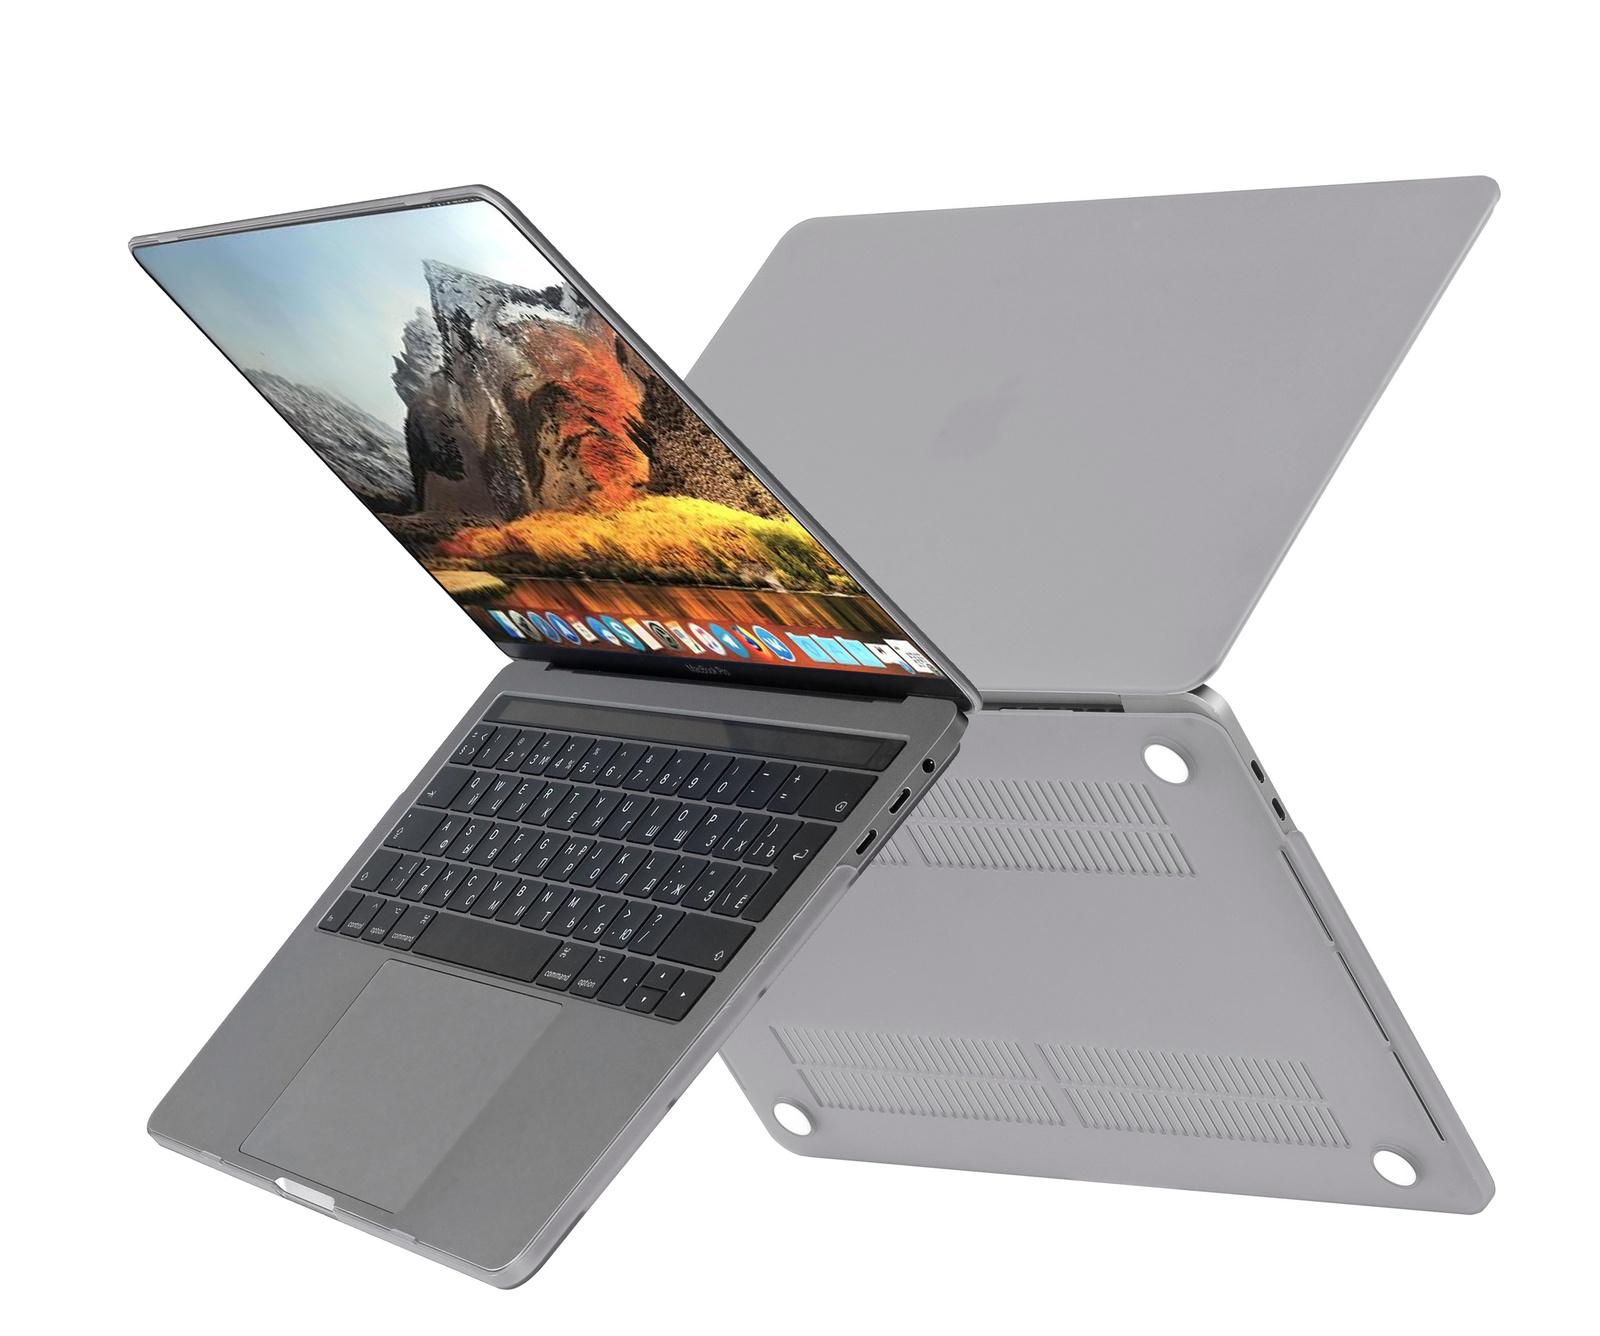 Чехол HardShell Case для Macbook Air 13, светло серый office для macbook air